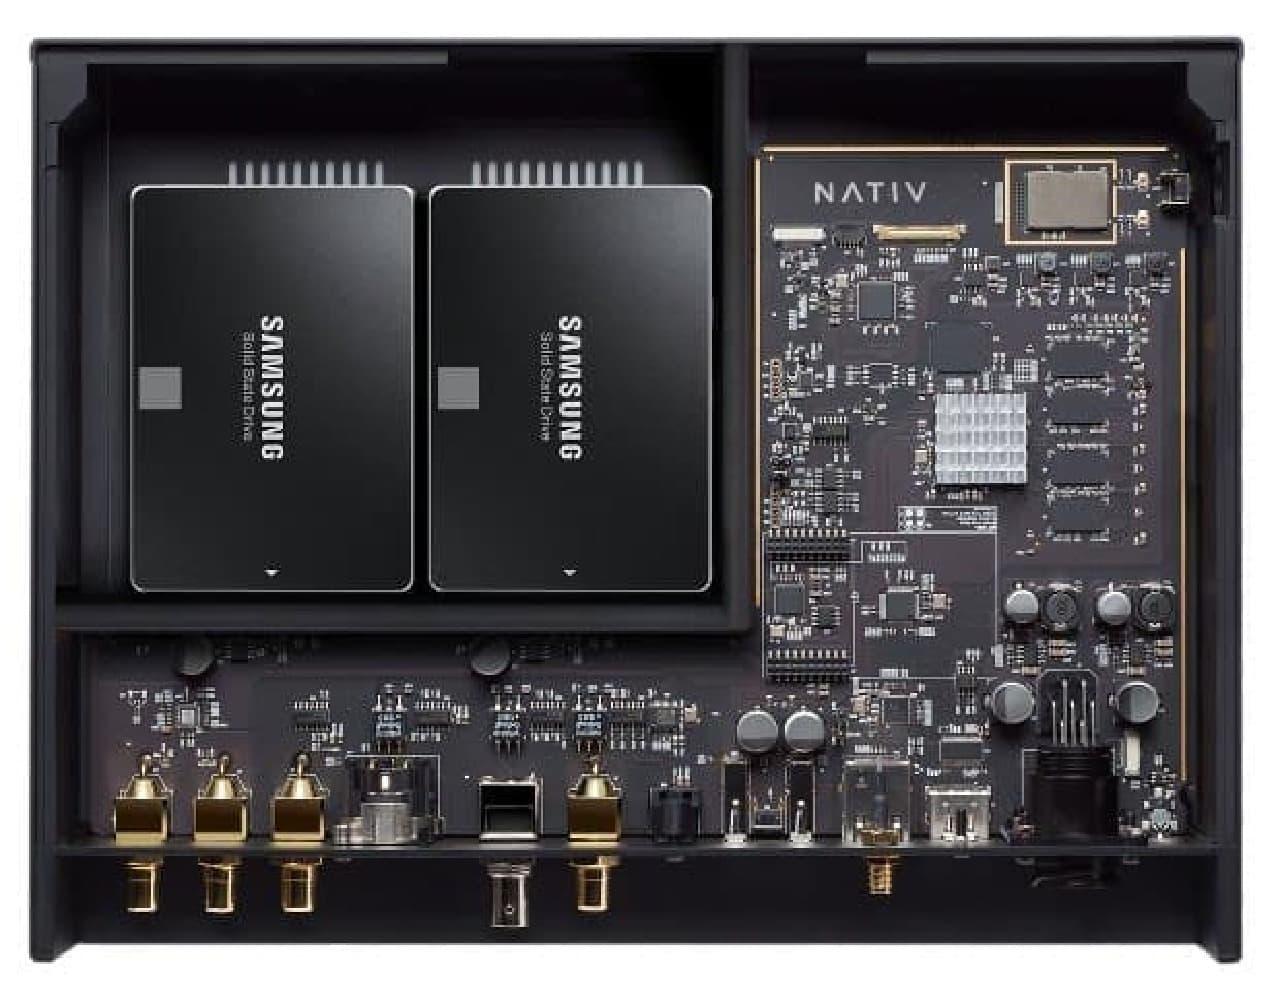 ストレージとして、2.5インチHDDを最大2つまで内蔵可能